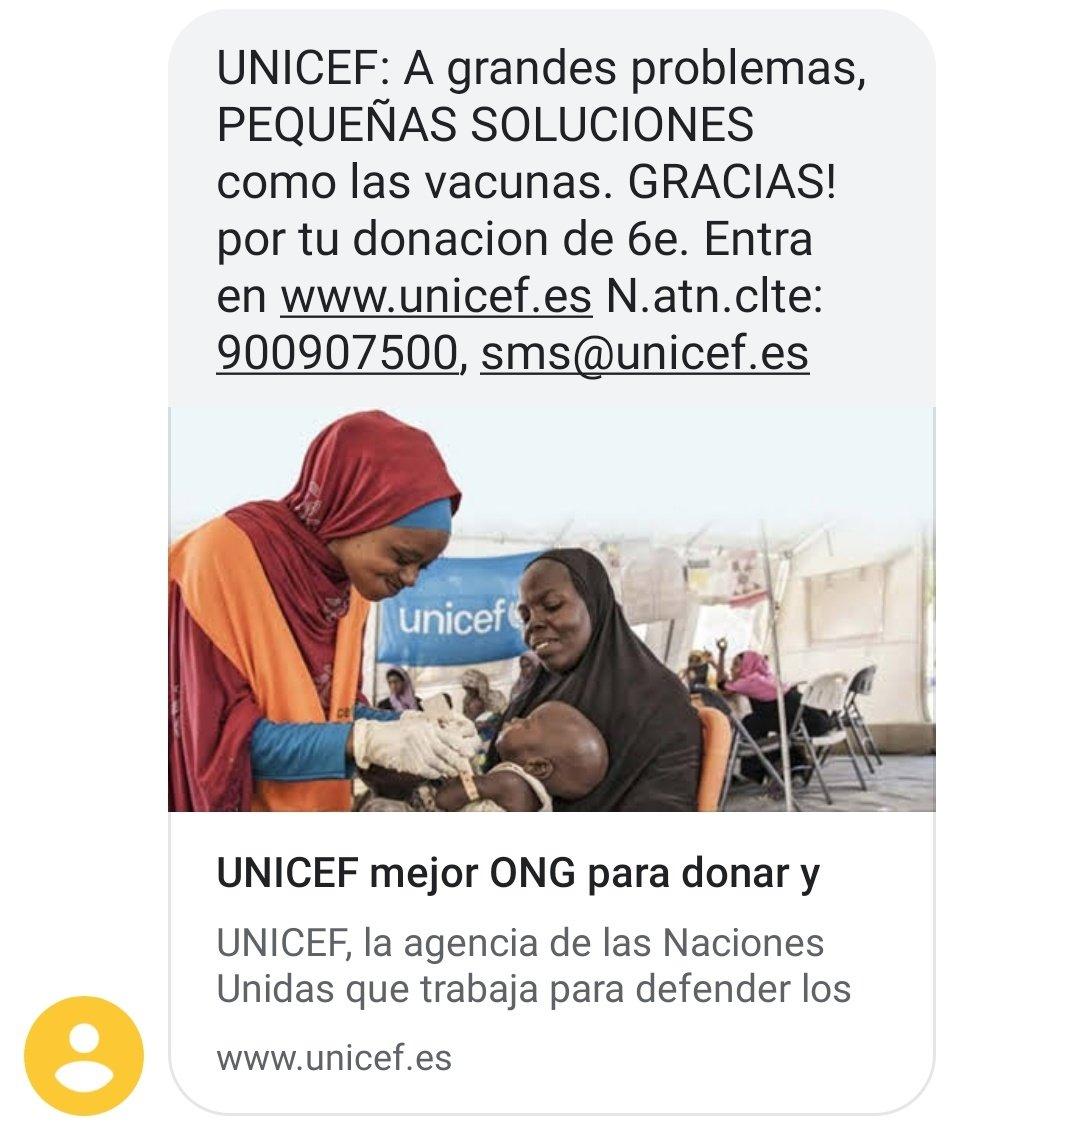 No lo puedo evitar, se me parte el alma con estas cosas... Así que aquí mi donación para ayudar a salvar las vidas de esos niños 🙏🏼❤️ @unicef_es #UNICEF #PequeñasSoluciones #UnMinutoDeTuVida #solidaridad